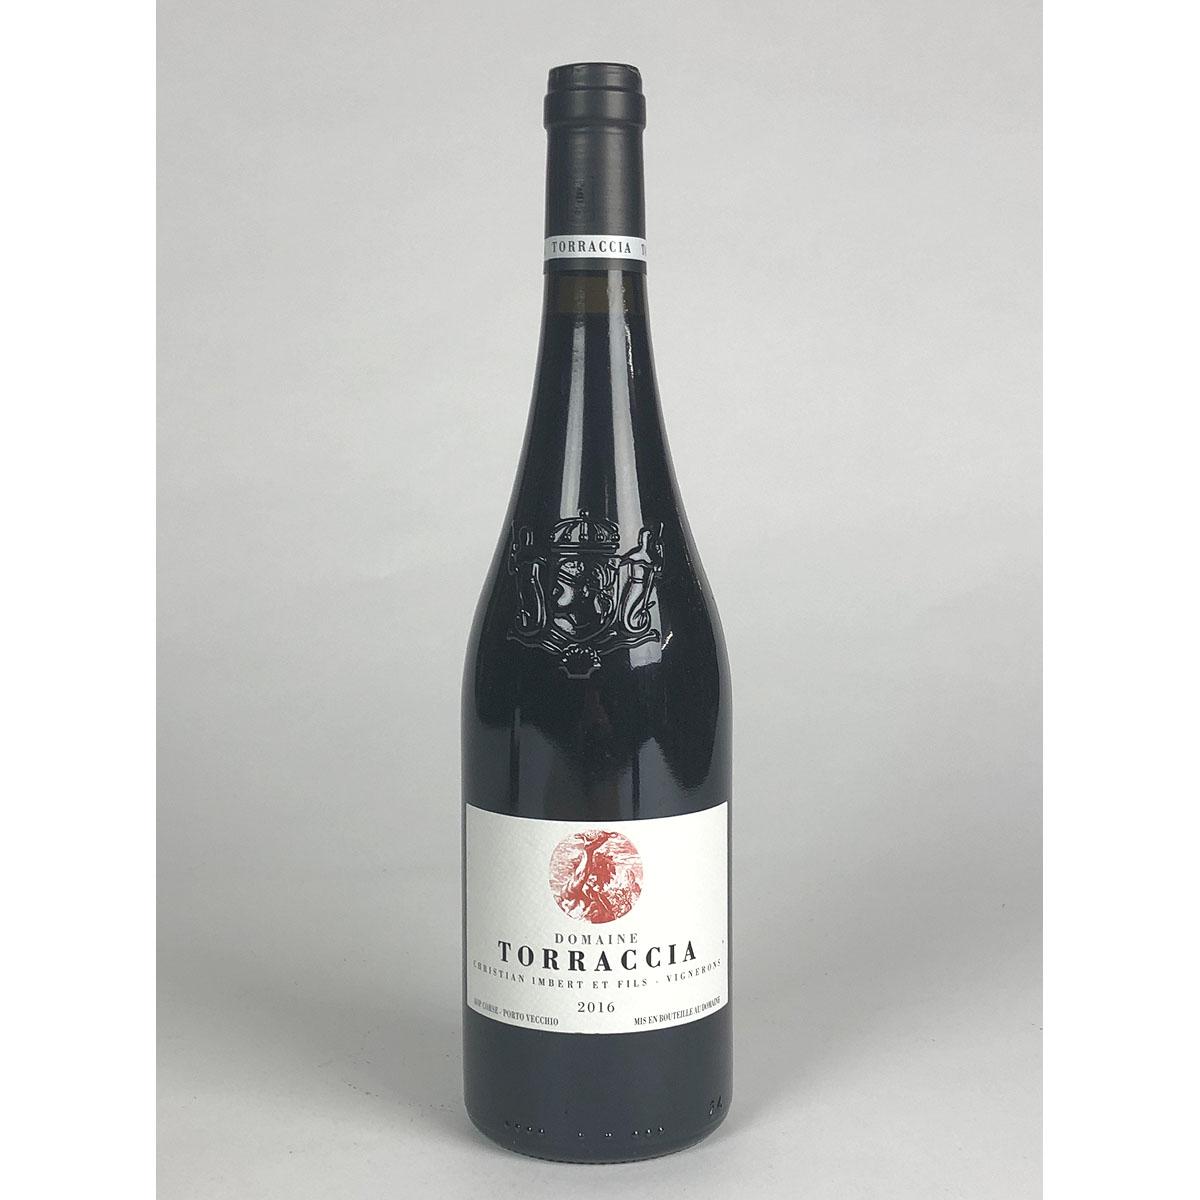 Vin de Corse Porto Vecchio: Domaine de Torraccia Rouge 2016 - Bottle